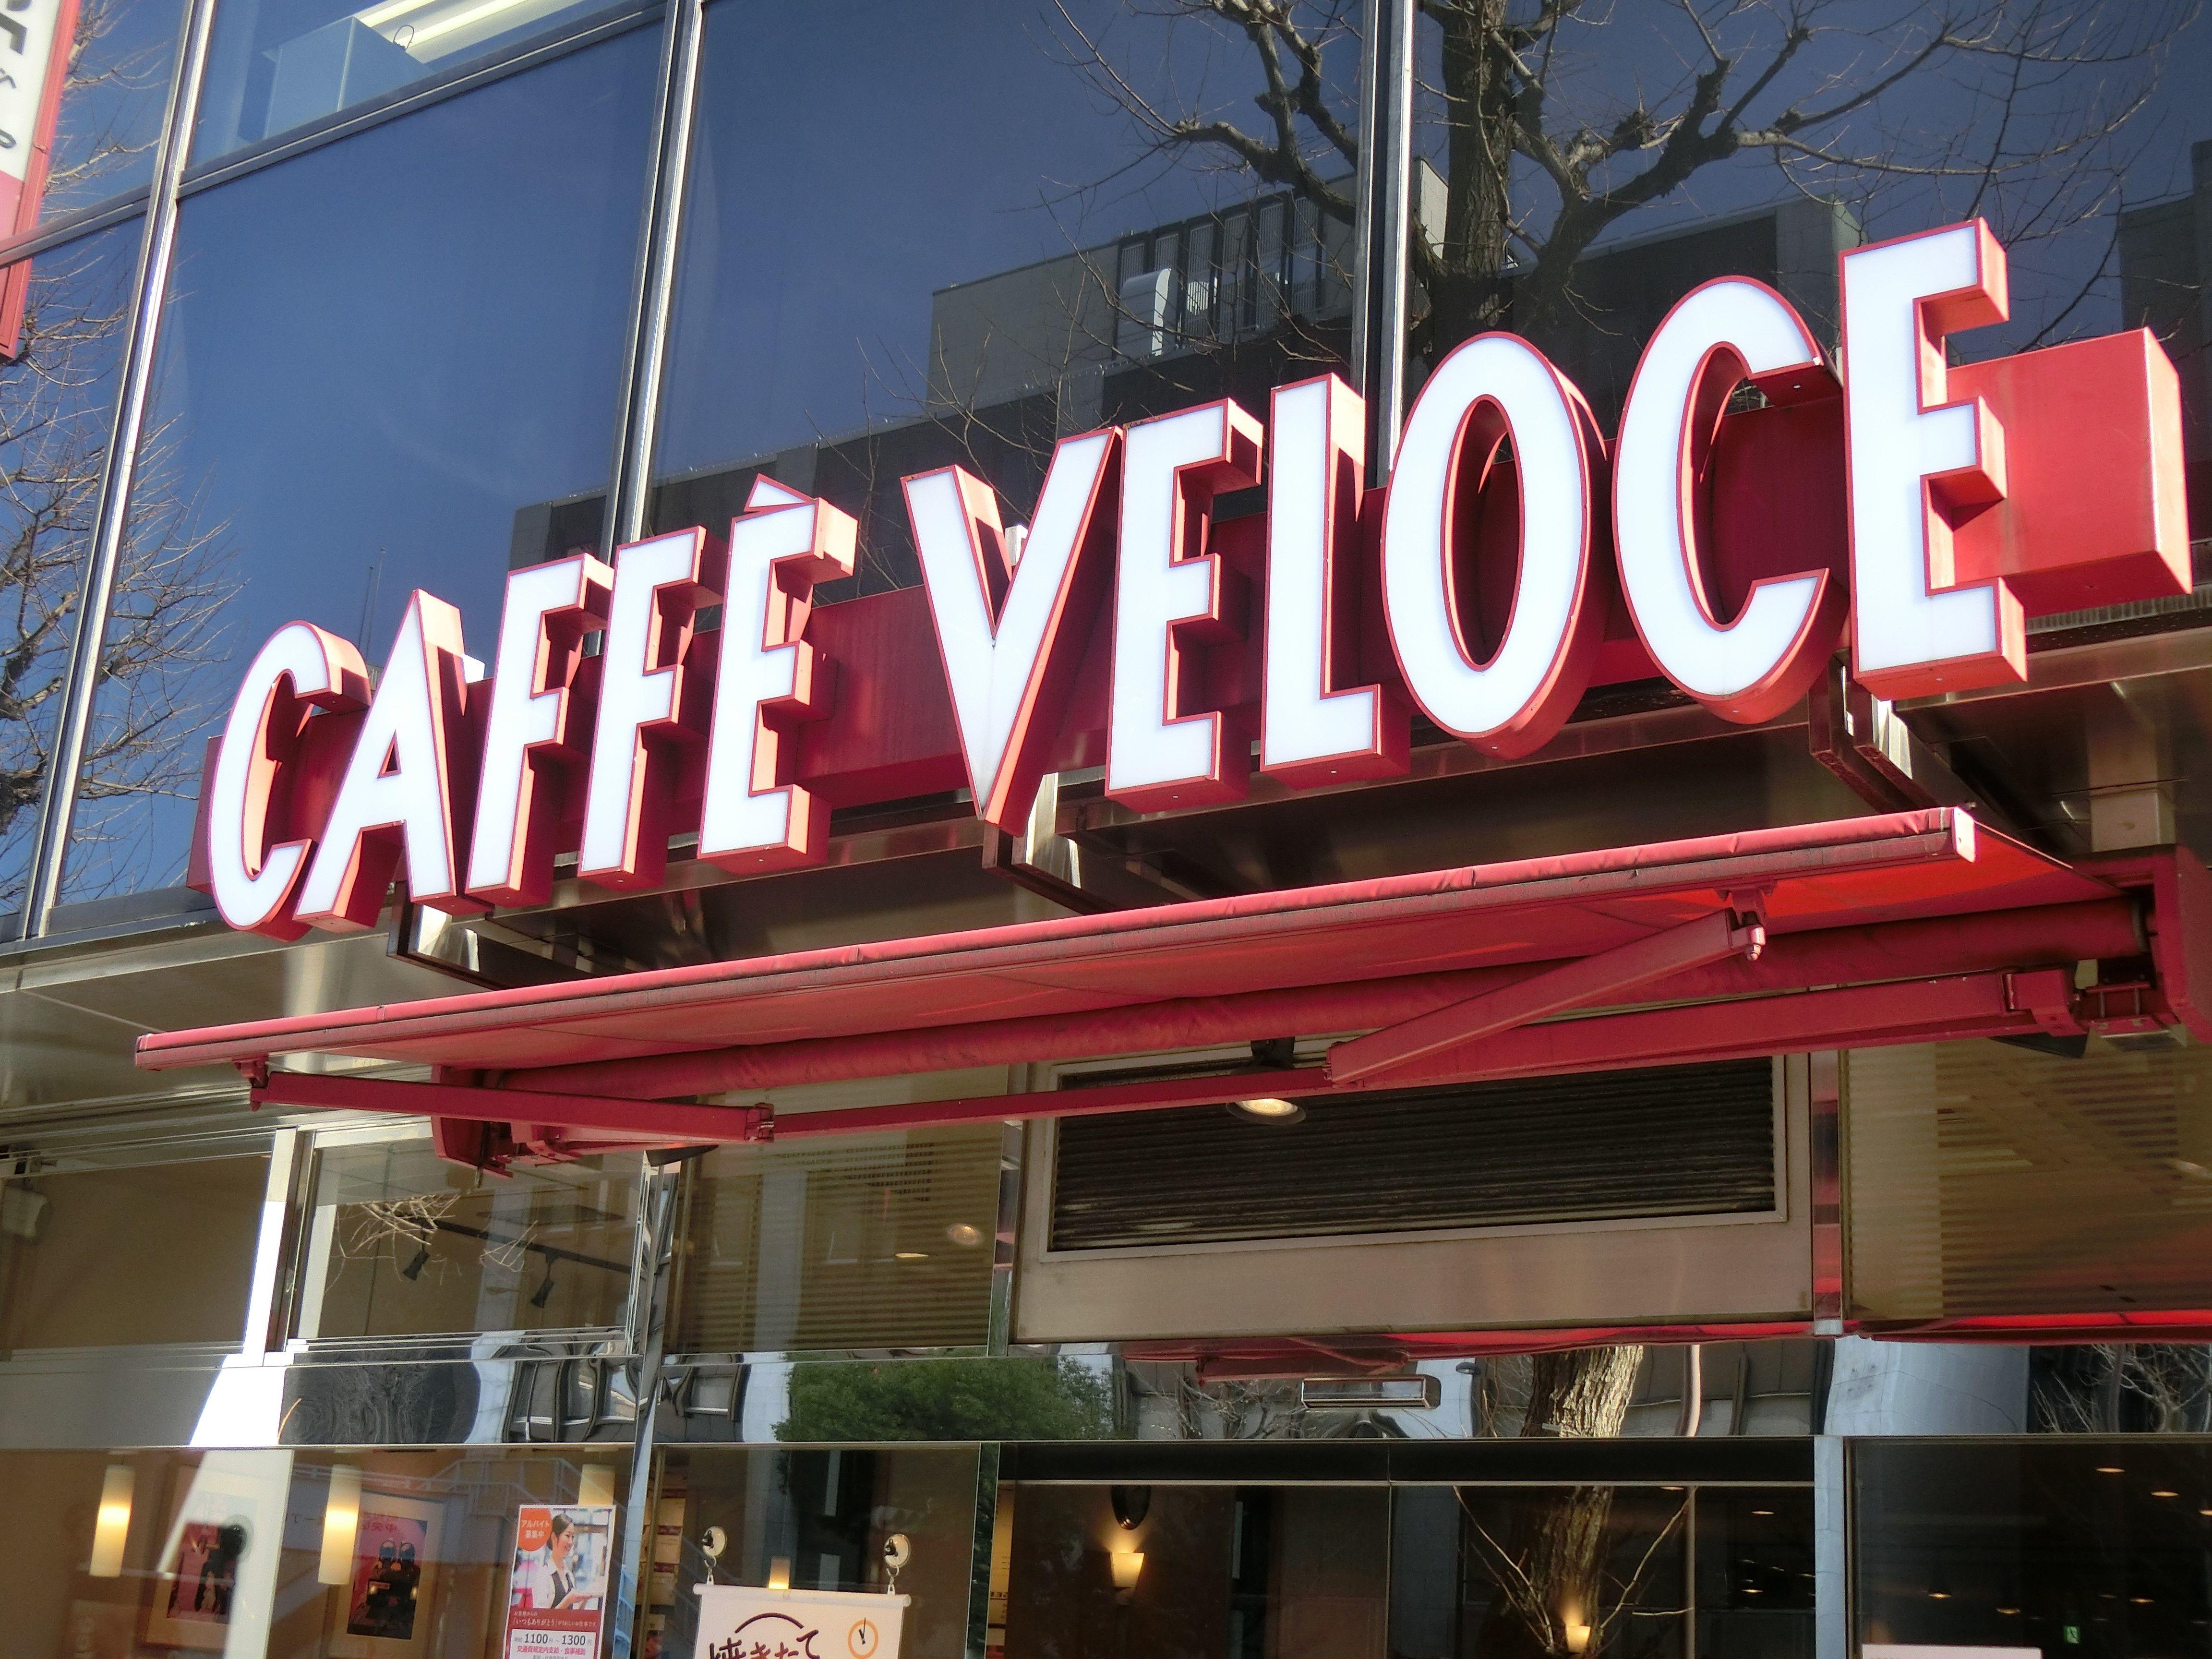 カフェ・ベローチェを買収した投資ファンド・ロングリーチとは